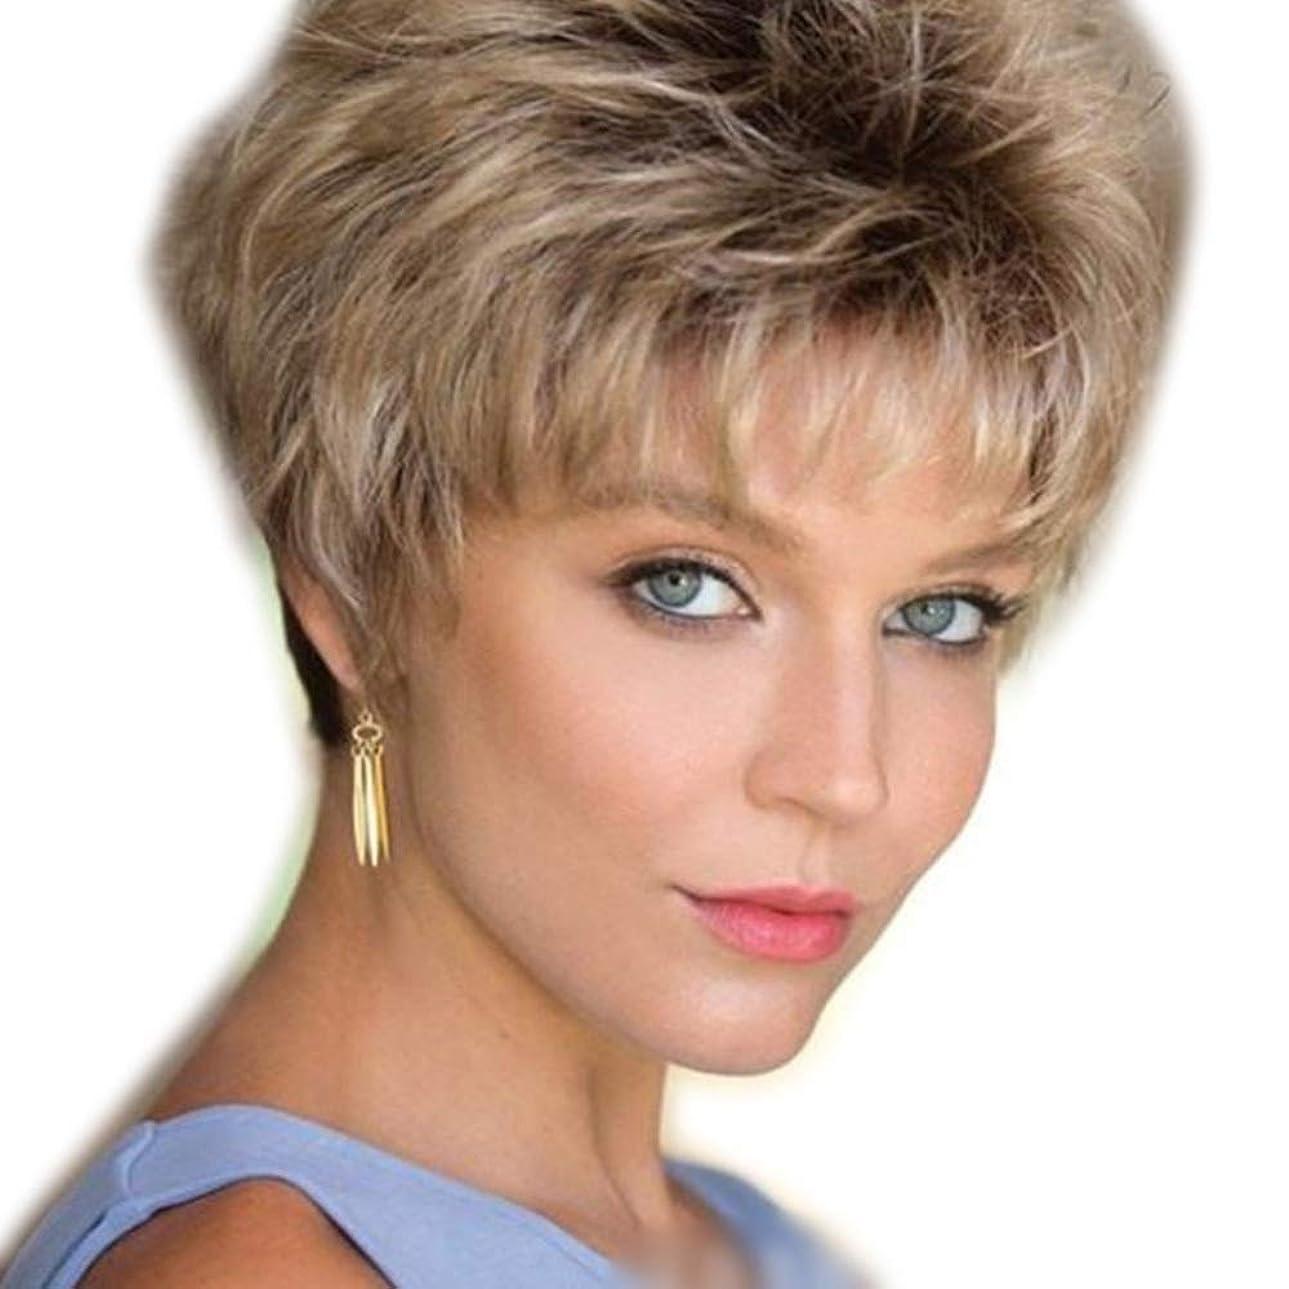 勝利したアジア民主党Yrattary 女性の短い巻き毛のような濃いルーツオンブルブロンドの髪ウィッグふわふわ (色 : Blonde)